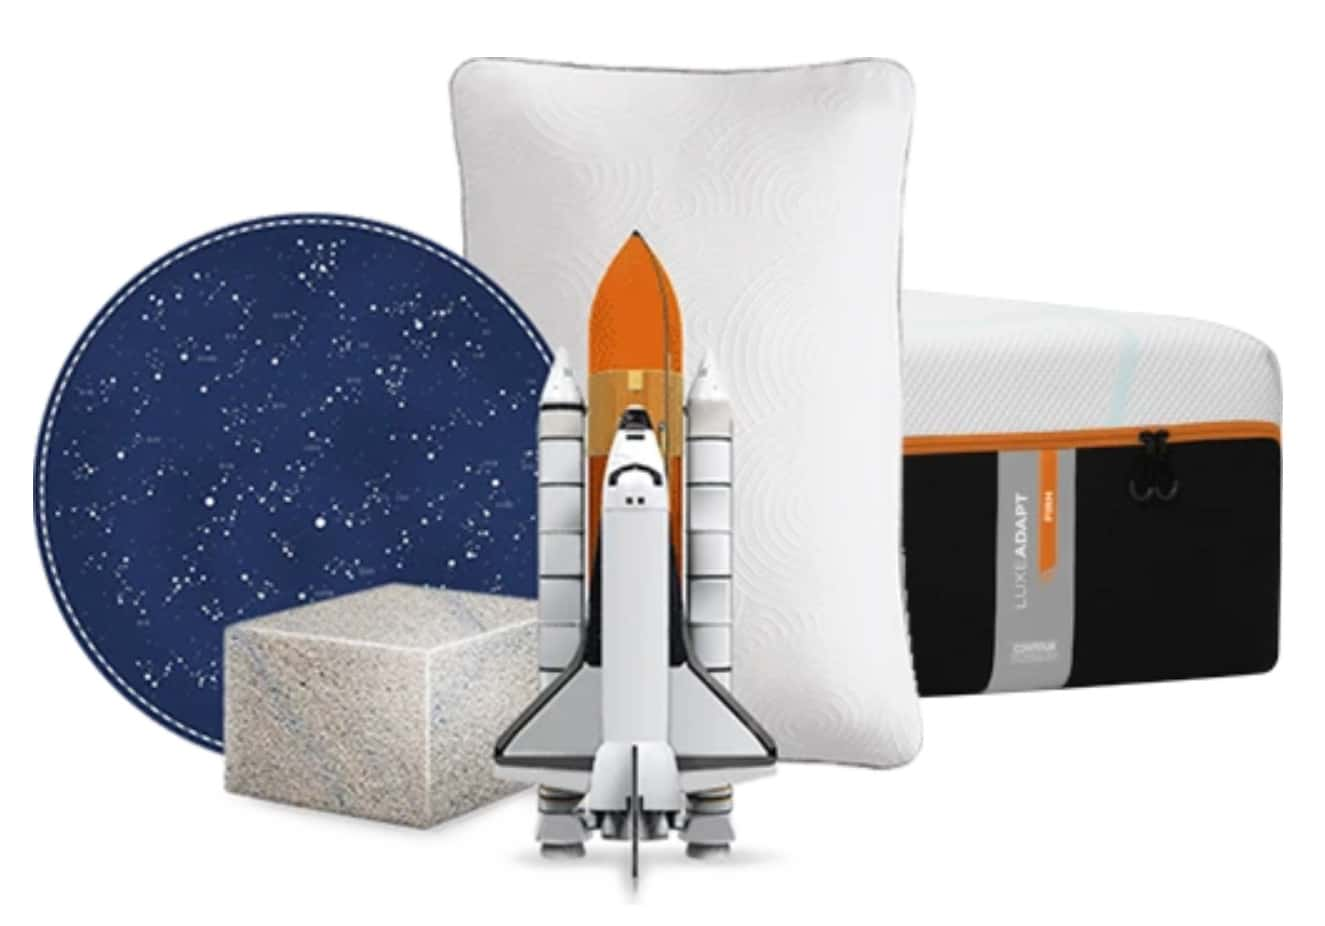 tempurpedic space materials